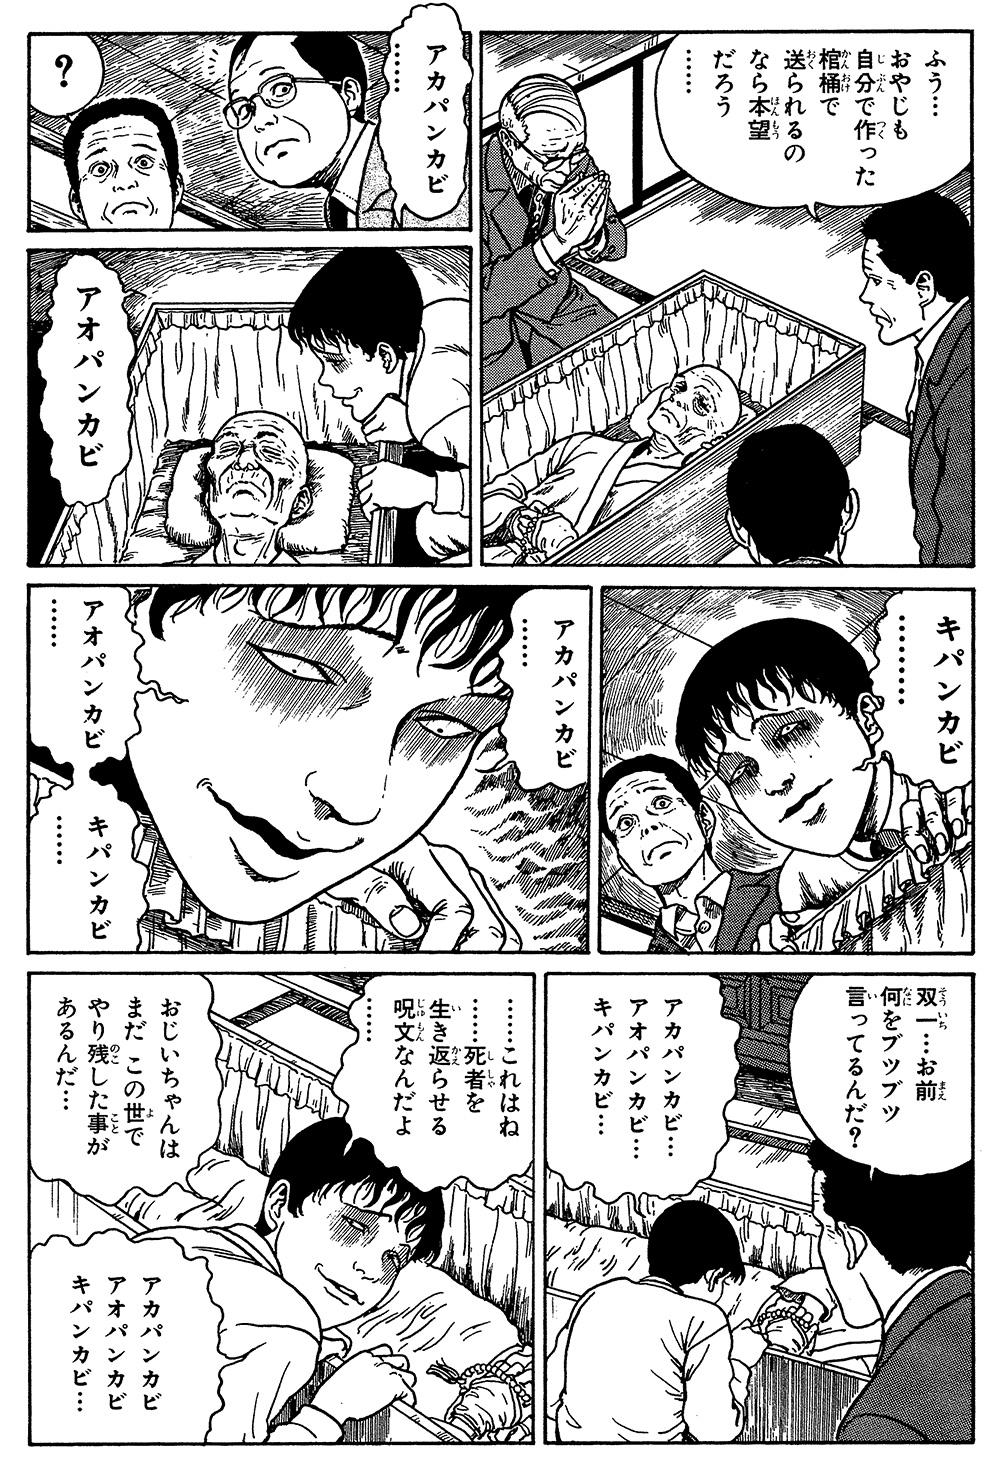 伊藤潤二傑作集「棺桶」①kanoke01-19.jpg